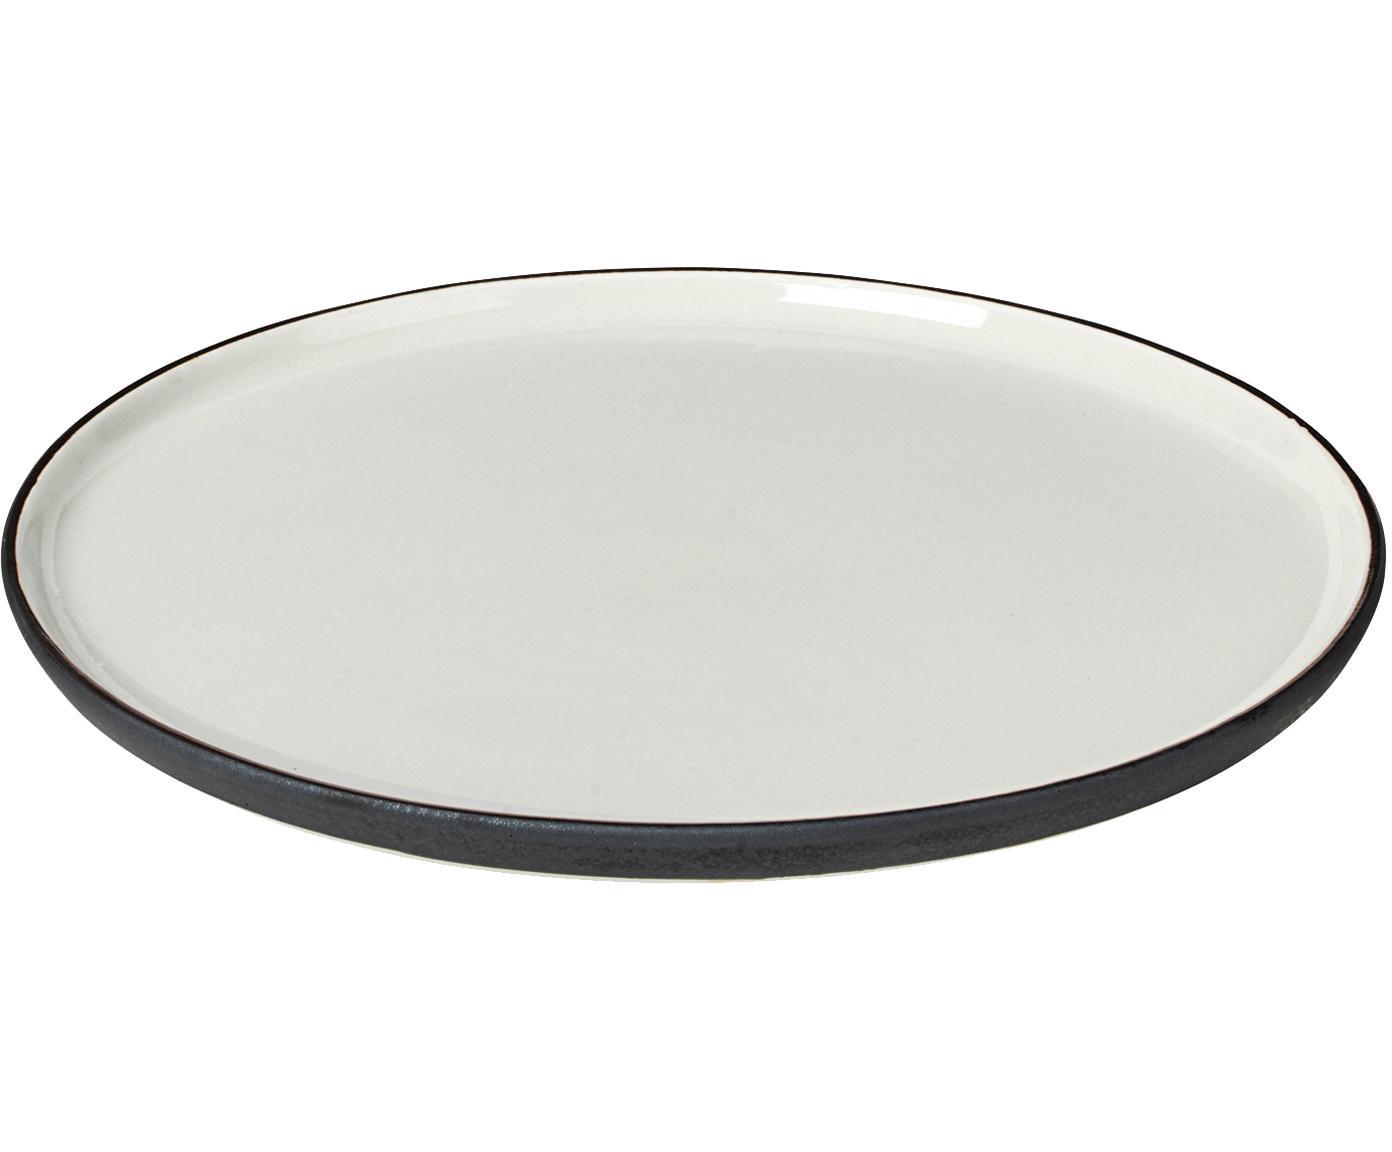 Handgemaakte ontbijtborden Esrum mat/glanzend, 4 stuks, Bovenzijde: glad geglazuurde keramiek, Onderzijde: natuurlijke keramiek, Ivoorkleurig, grijsbruin, Ø 21 cm